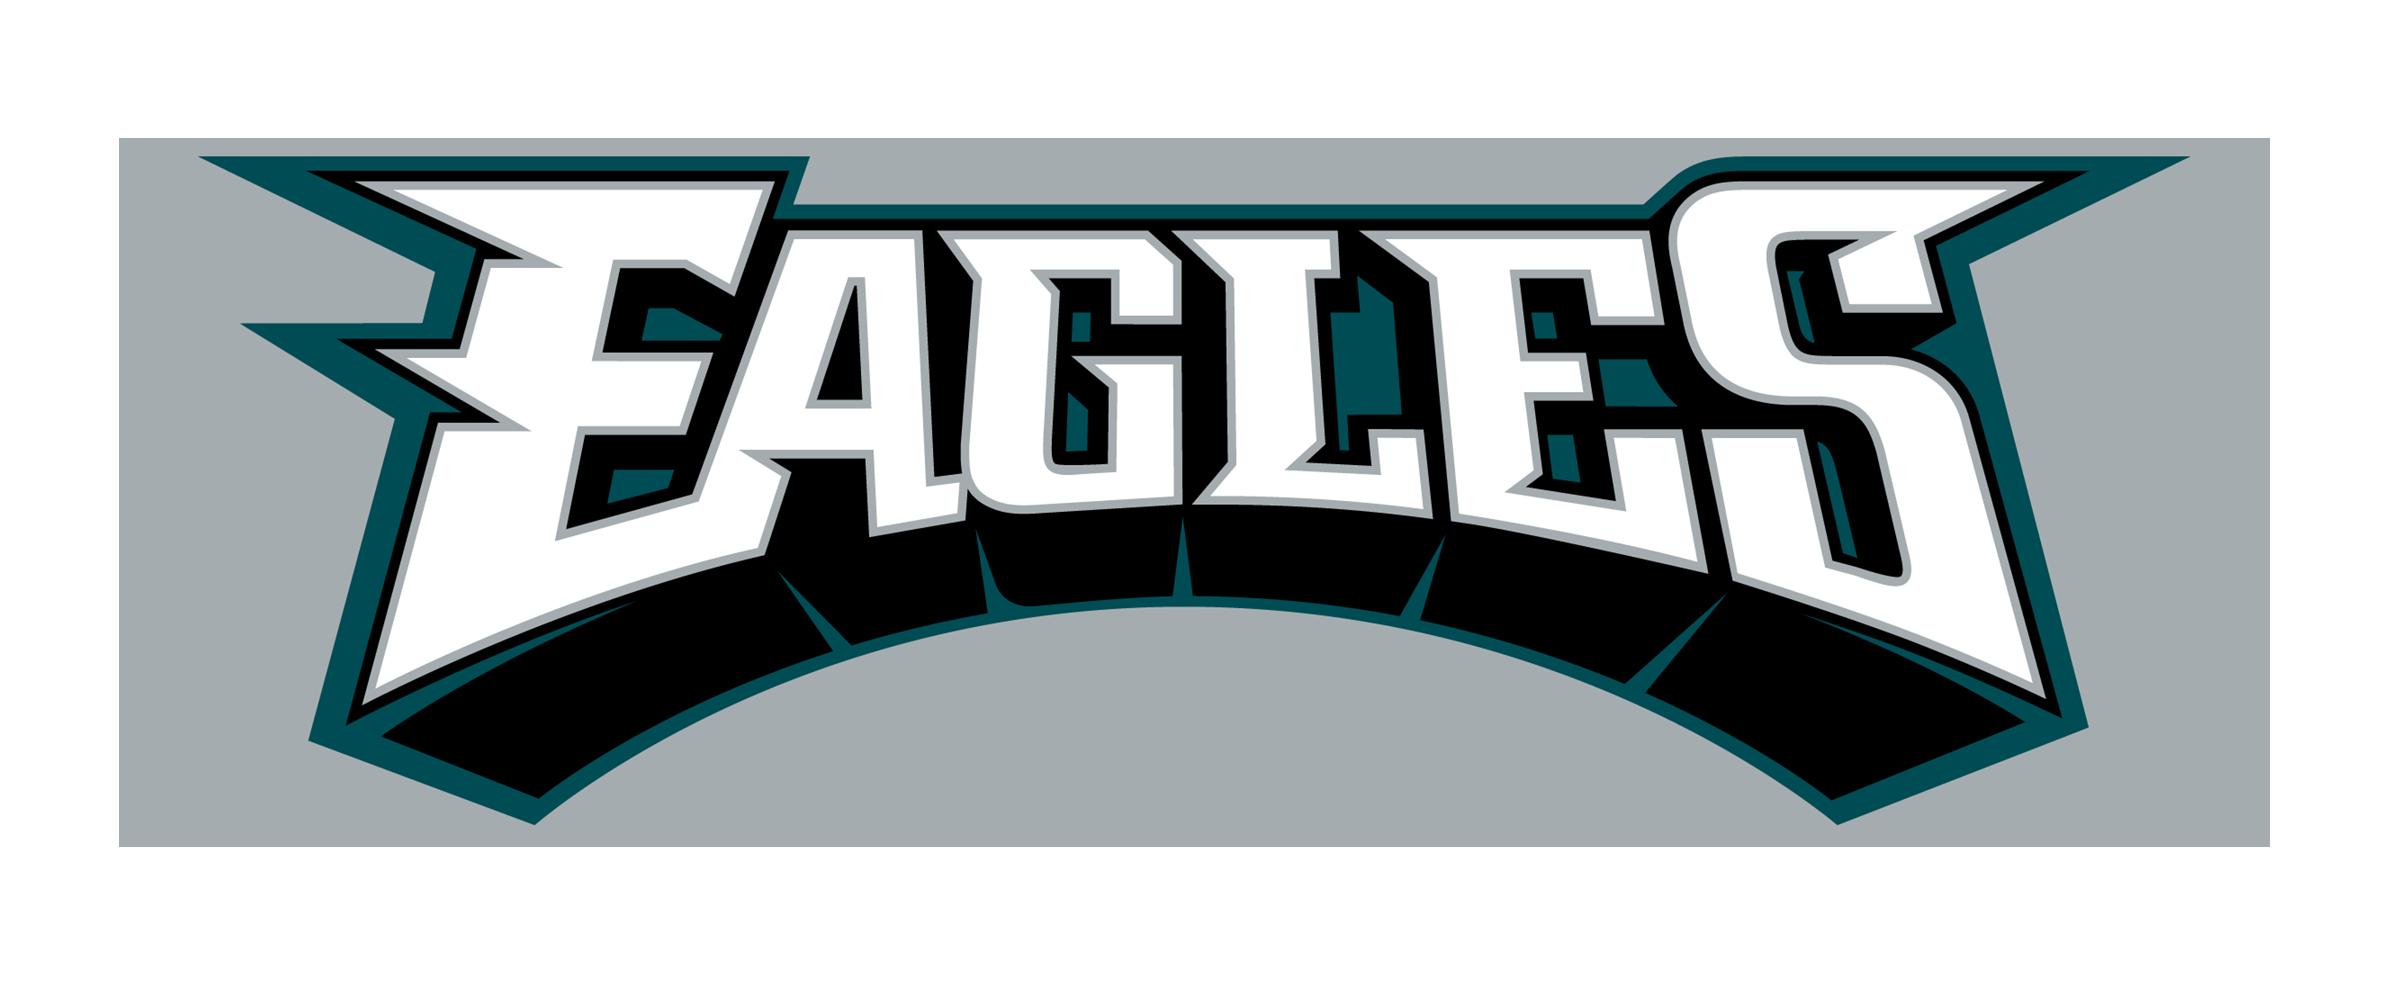 2400x990 Philadelphia Eagles Logo Png Transparent Amp Svg Vector